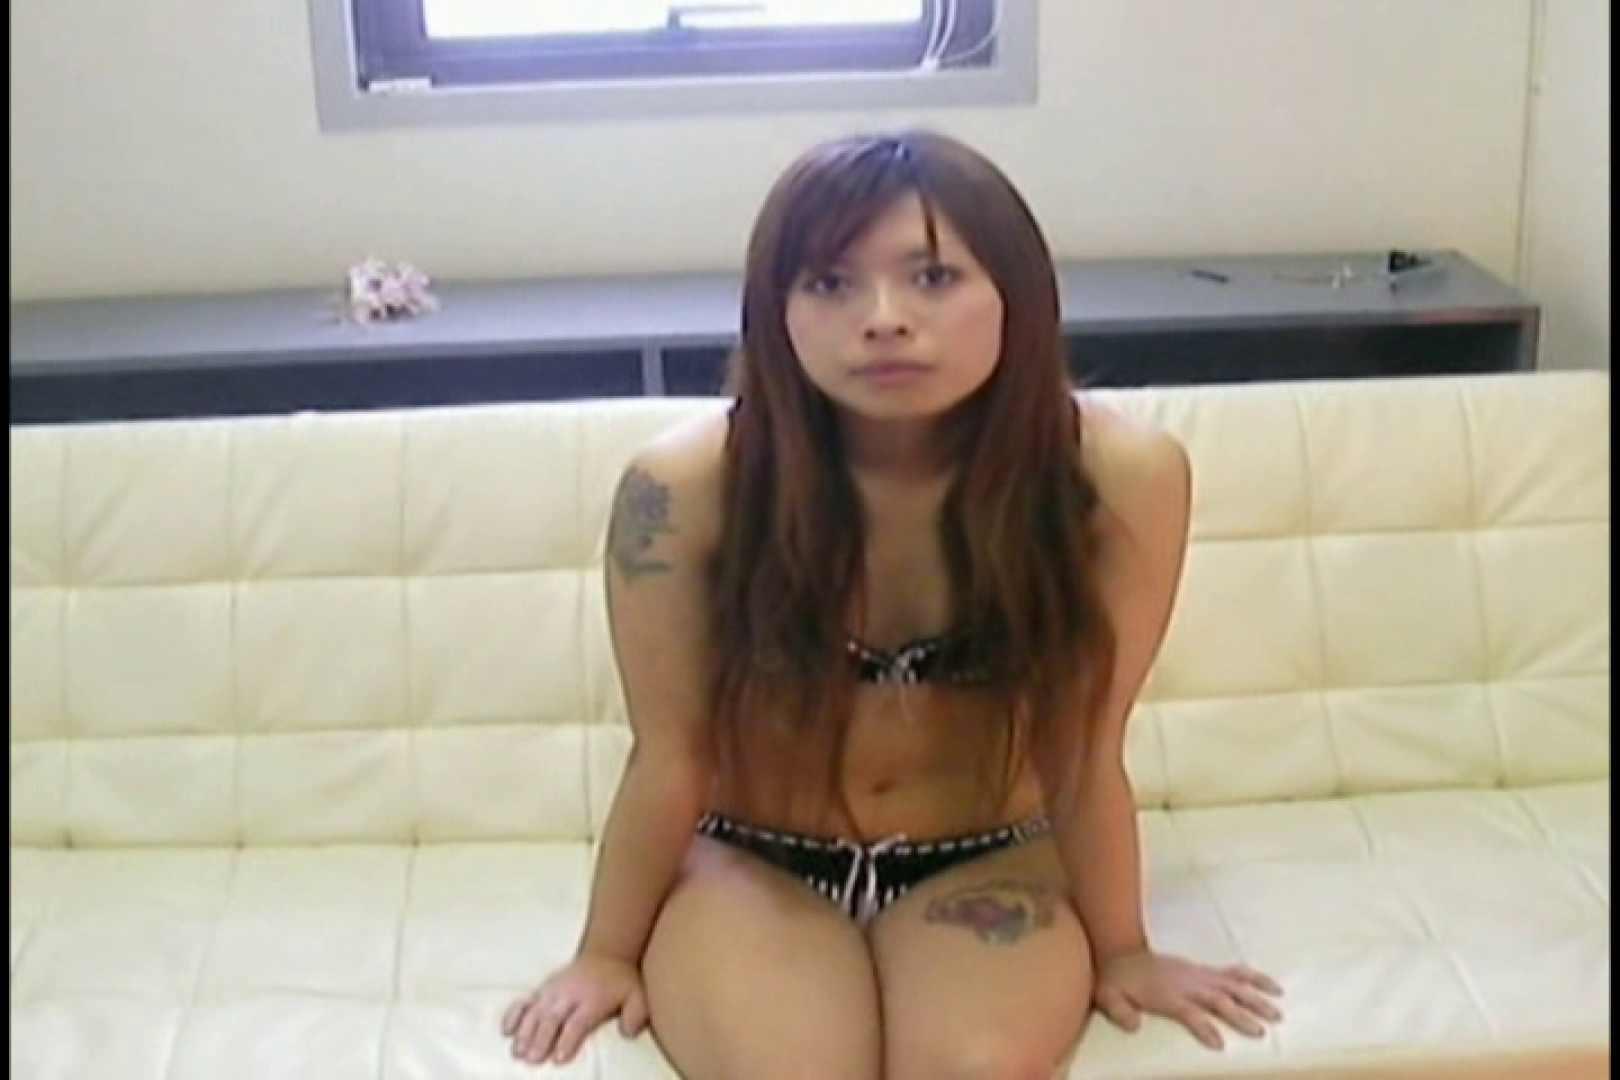 素人撮影 下着だけの撮影のはずが・・・ よしこ23歳 女子着替え | 素人  85pic 42